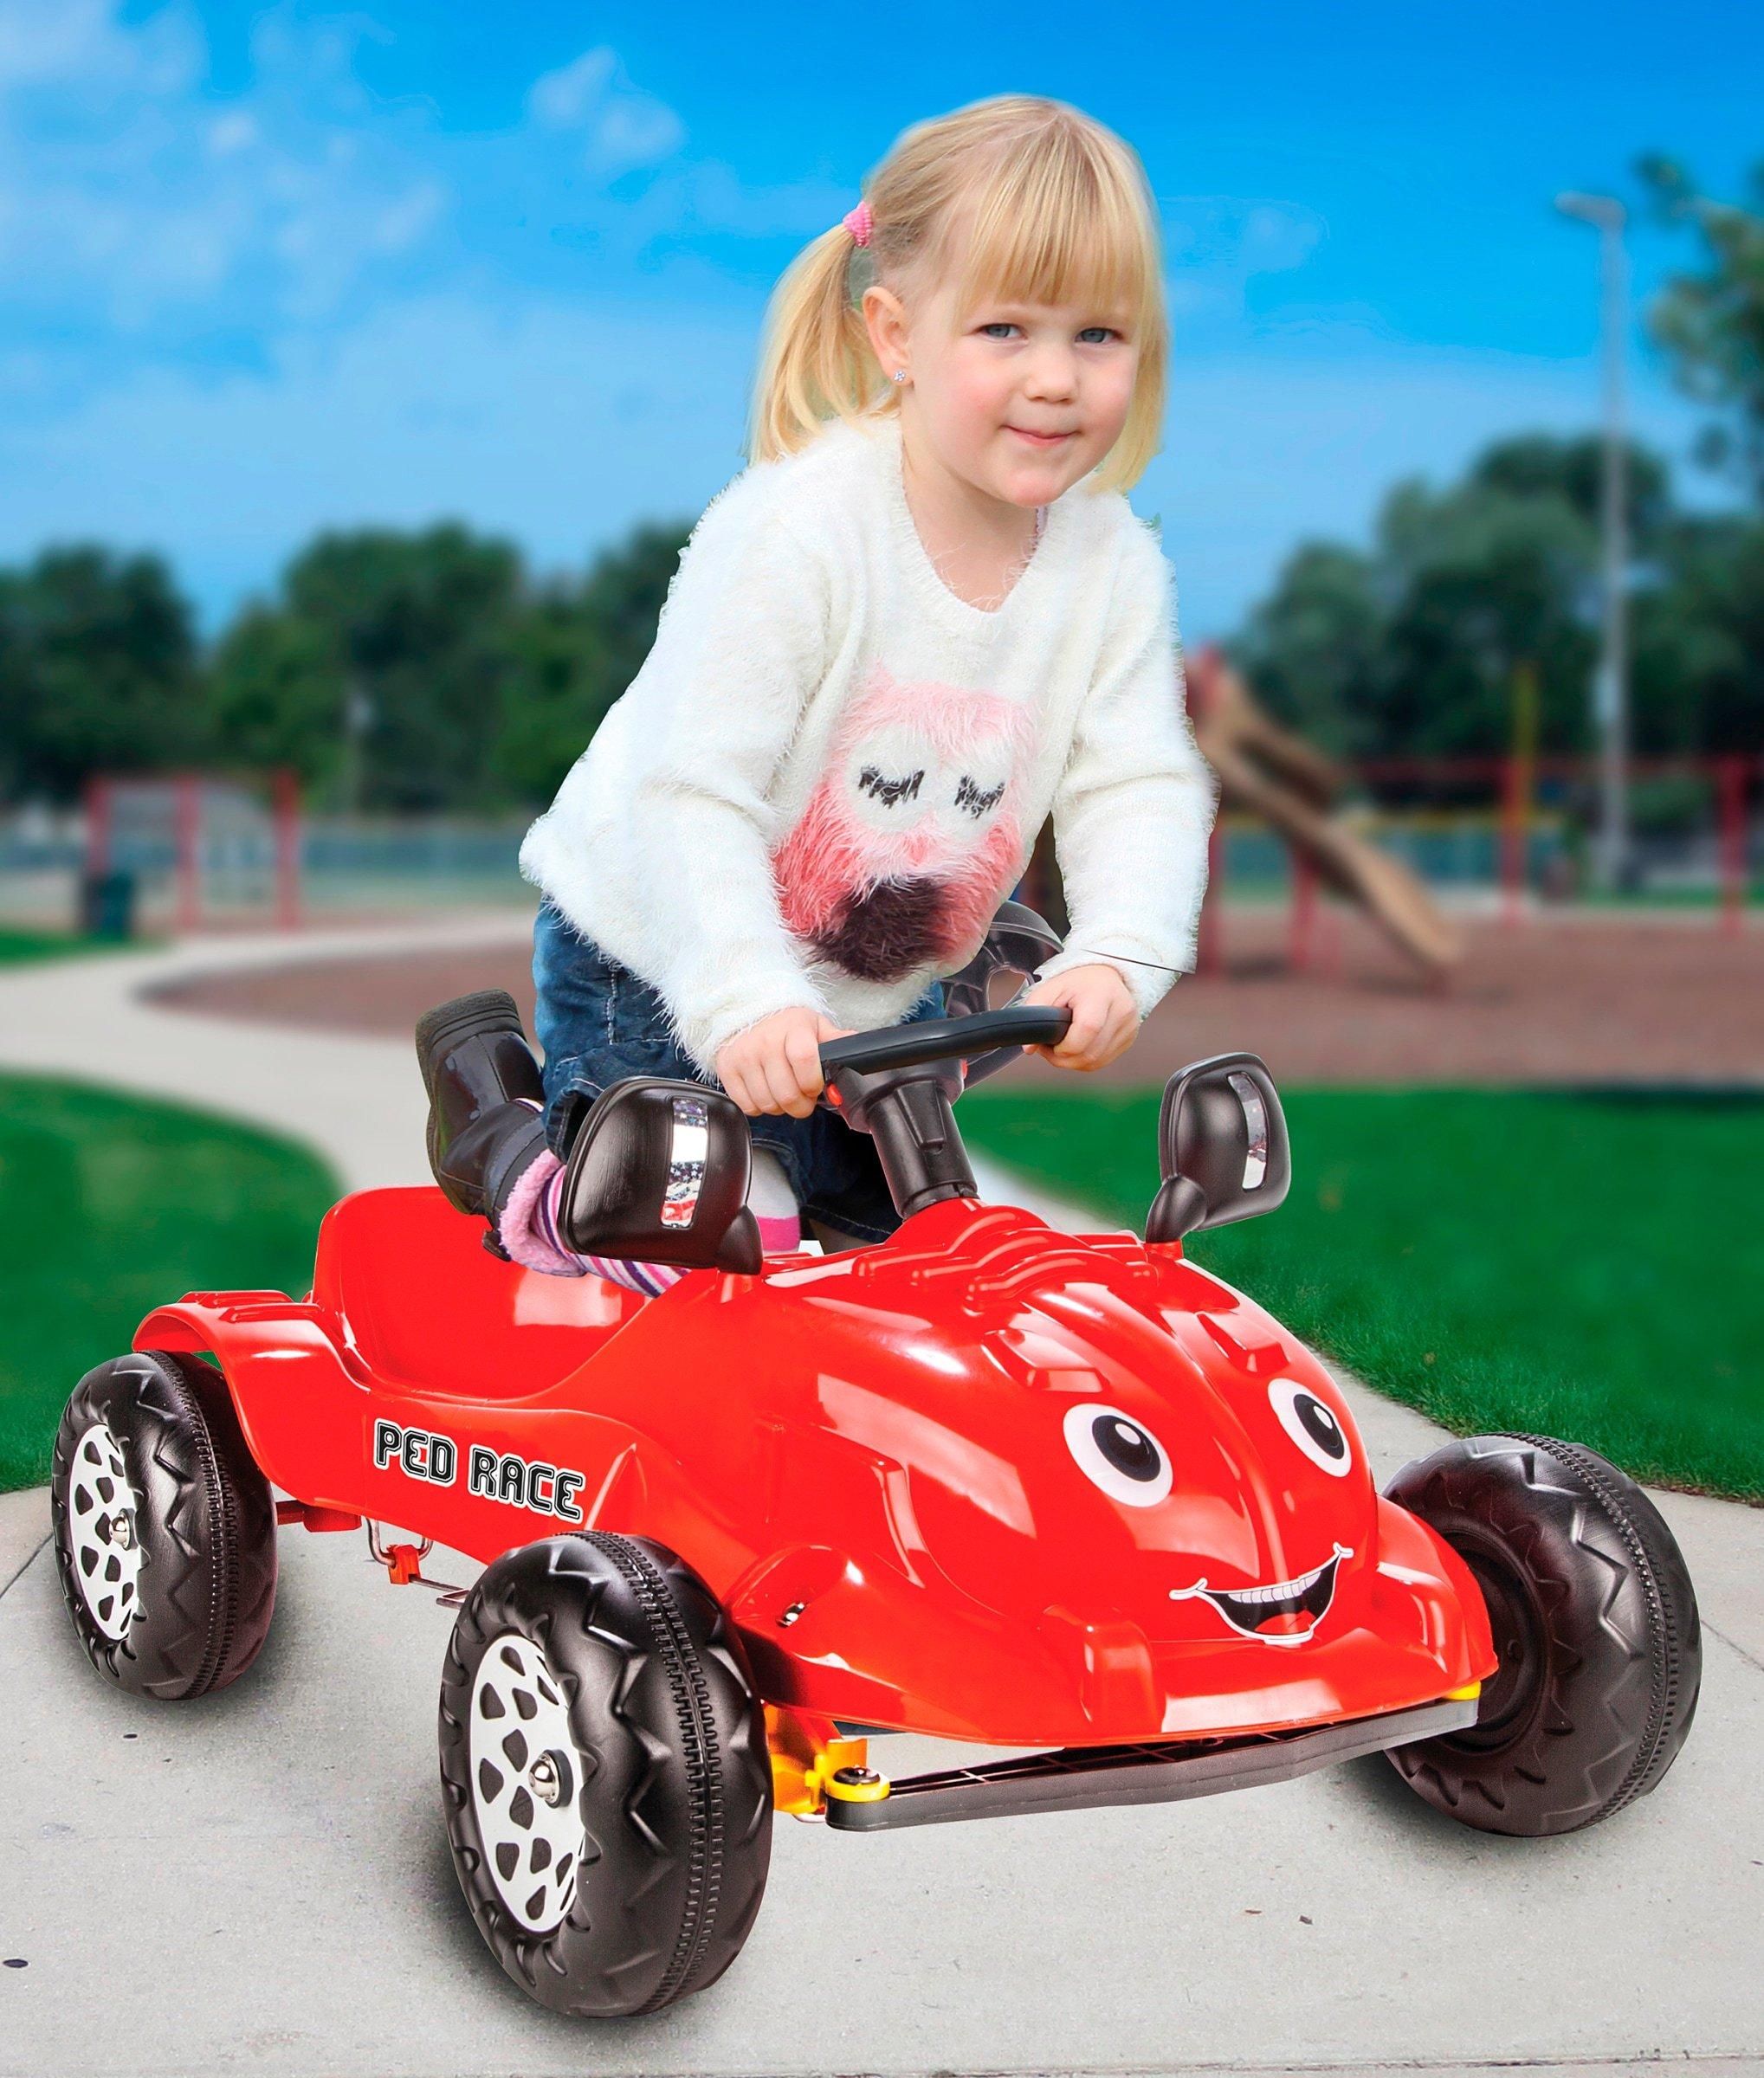 JAMARA Rutschauto Ped Race für Kinder ab 2 Jahre